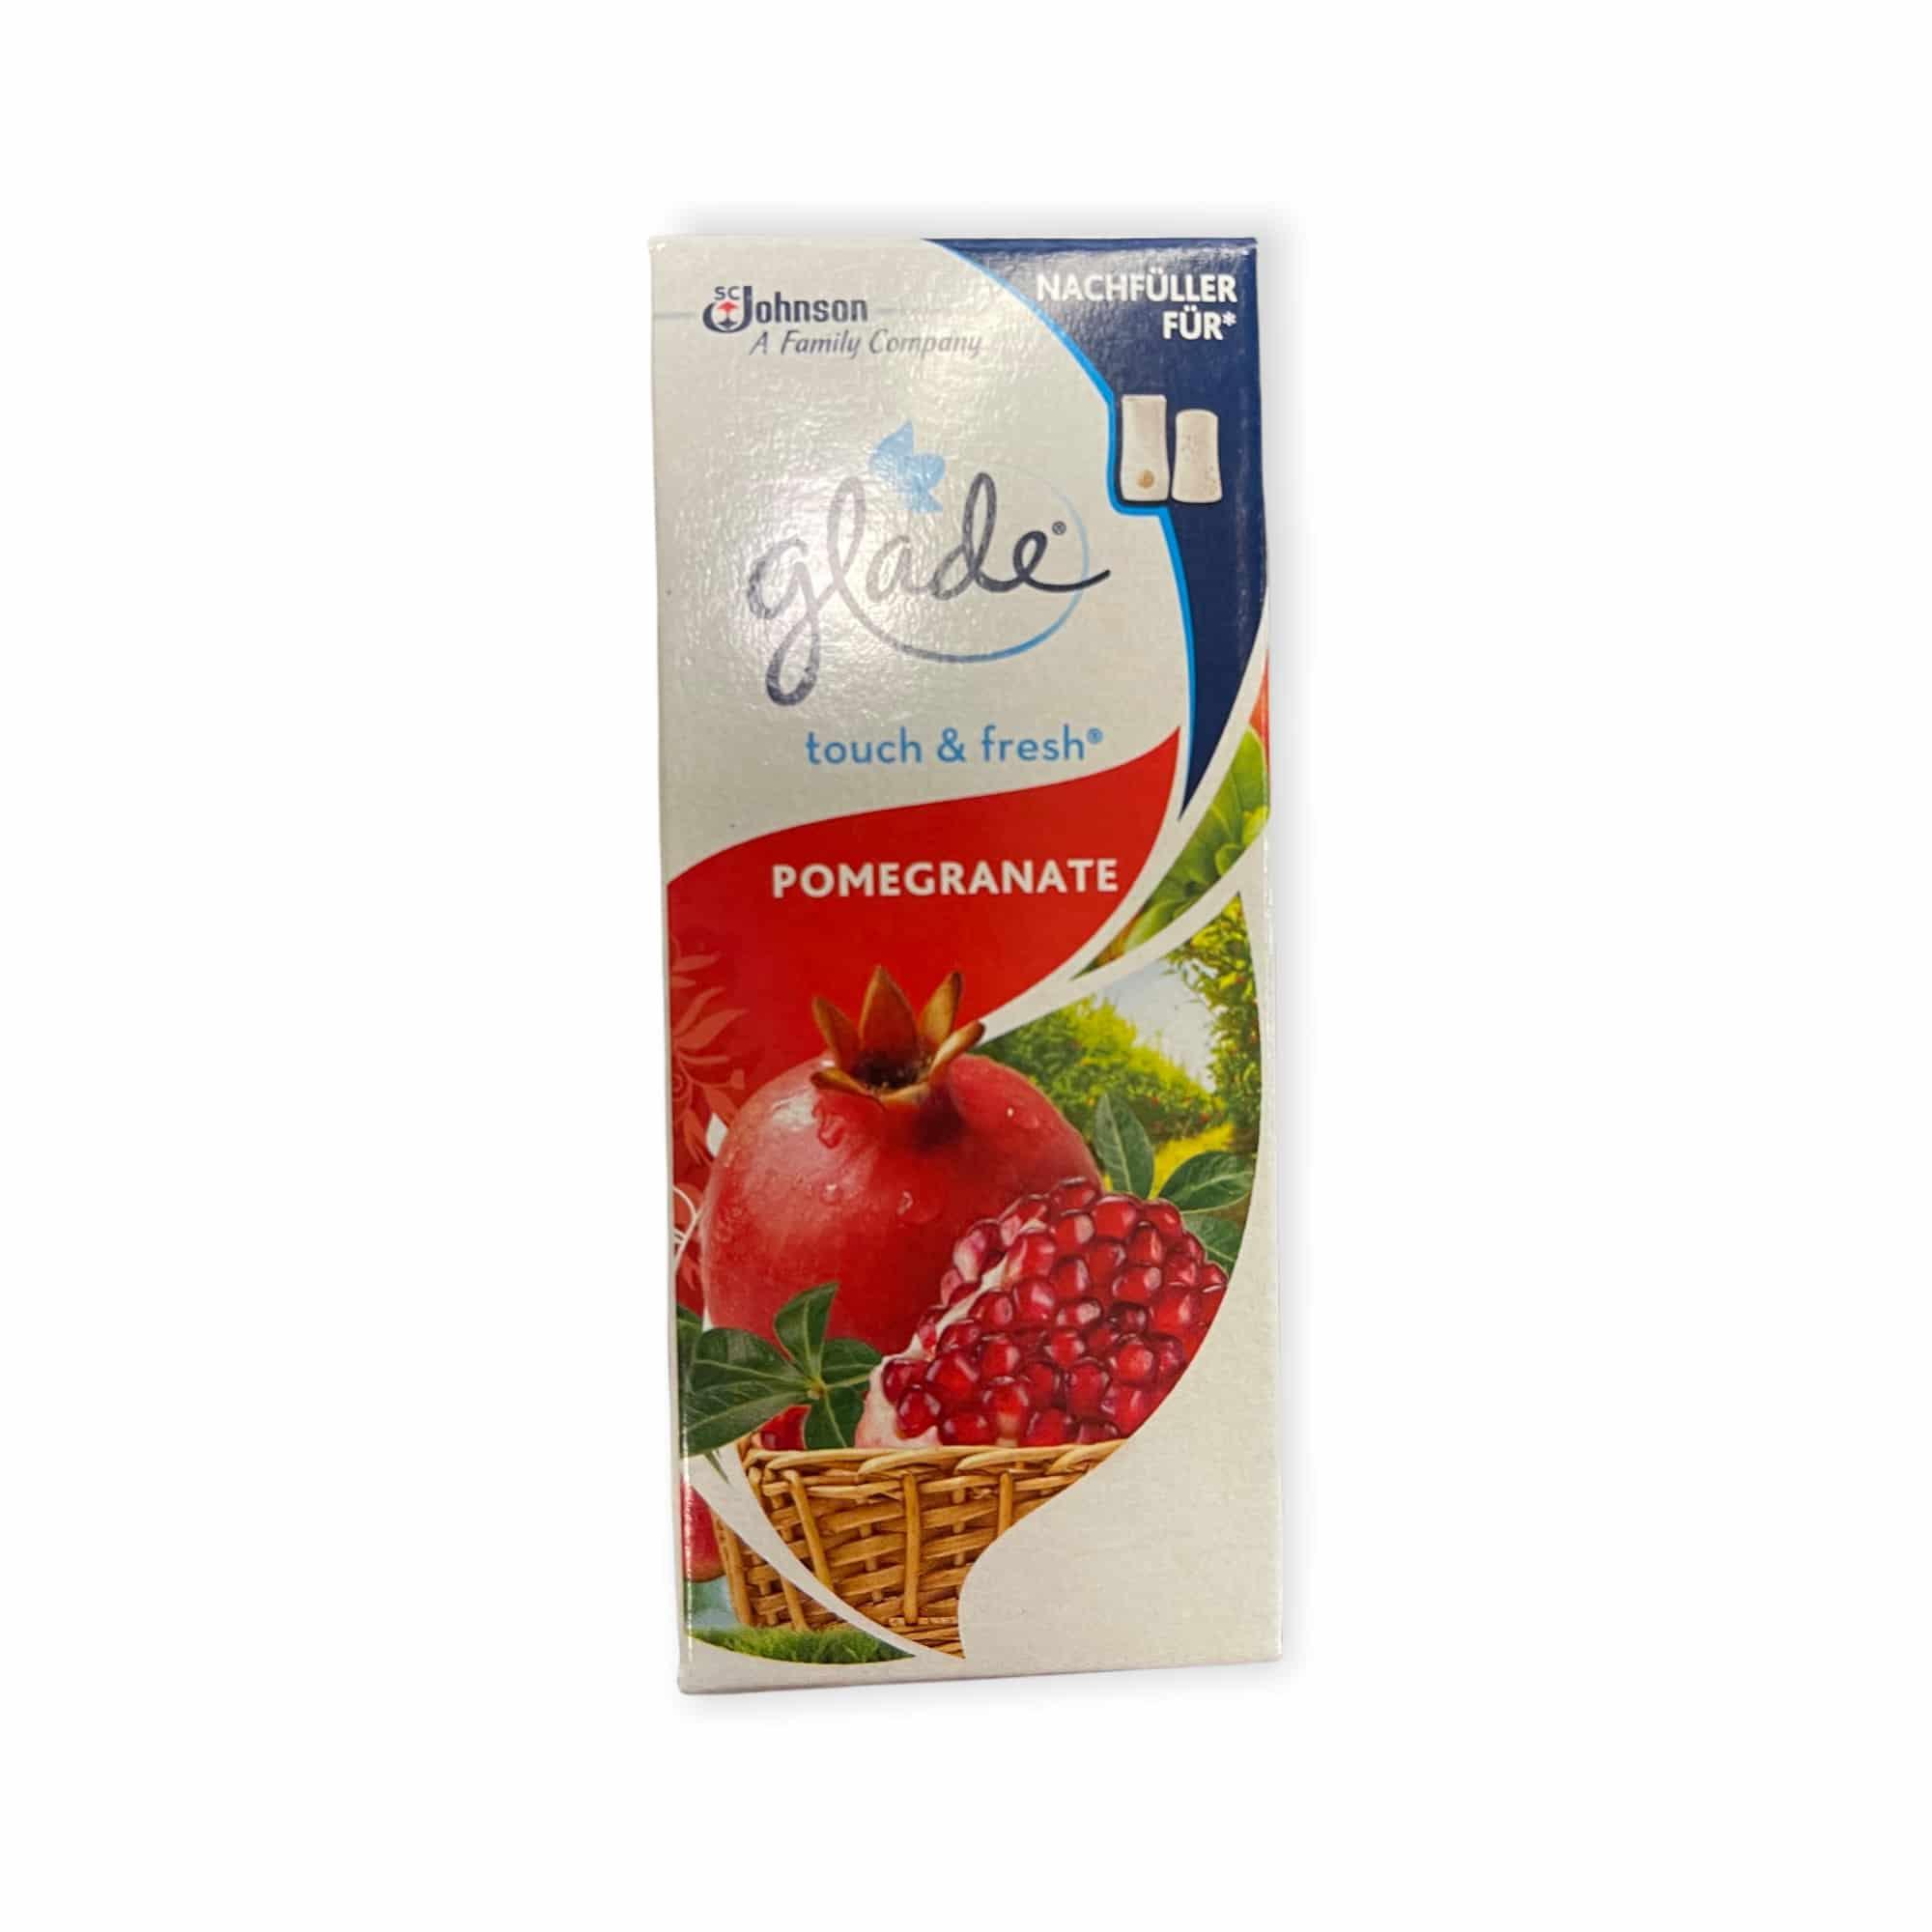 Glade touch & fresh - Nachfüller - Pomegranate - 10 ml